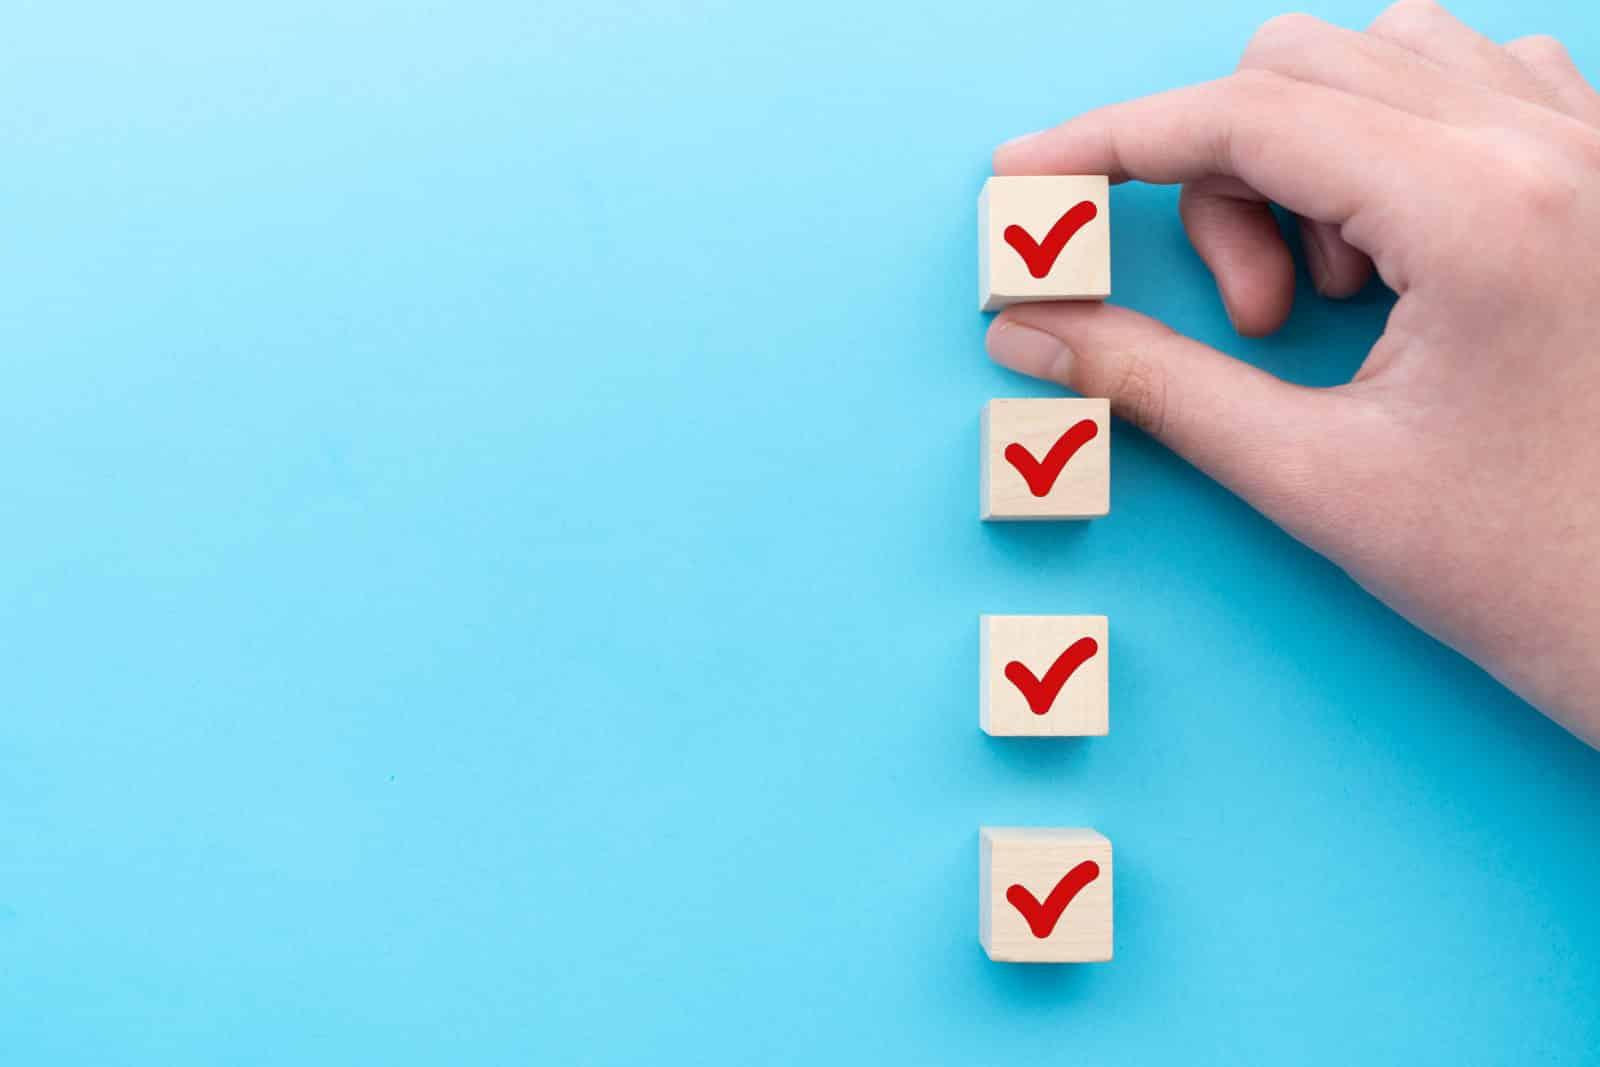 Red tick marking on checklist